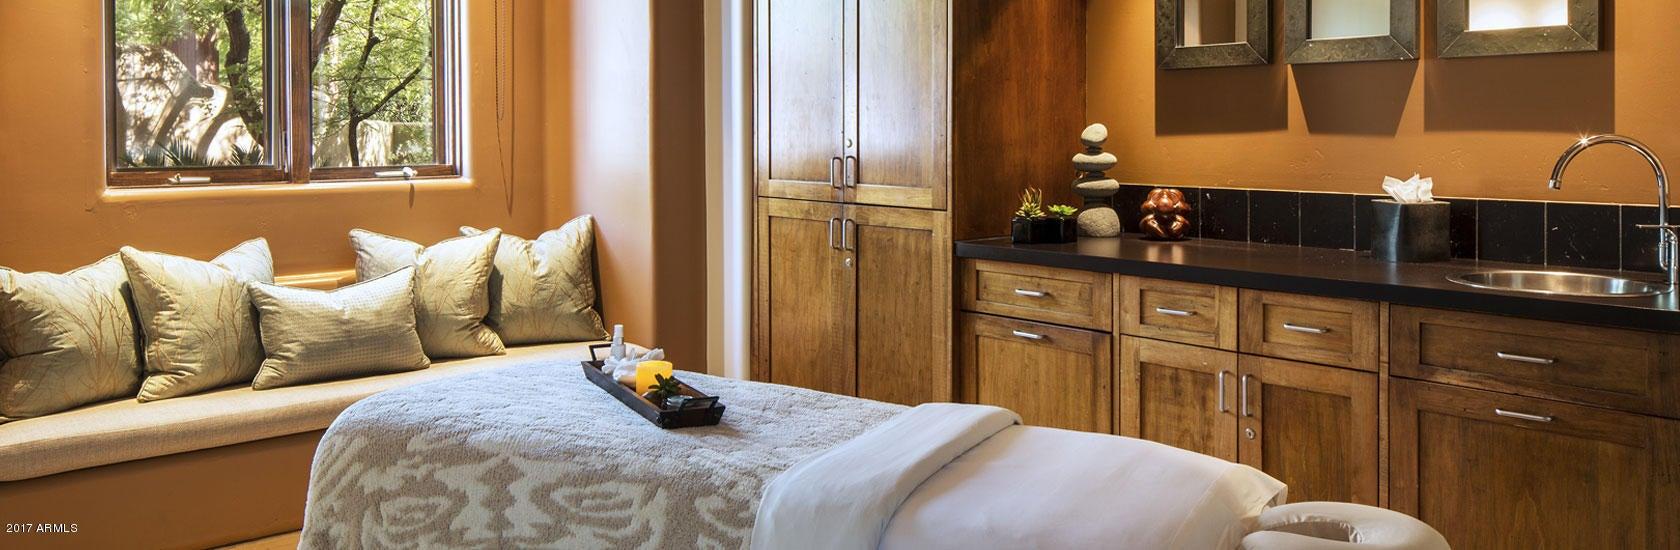 MLS 5610919 2202 N Sagebrush Lane, Carefree, AZ 85377 Carefree AZ Three Bedroom